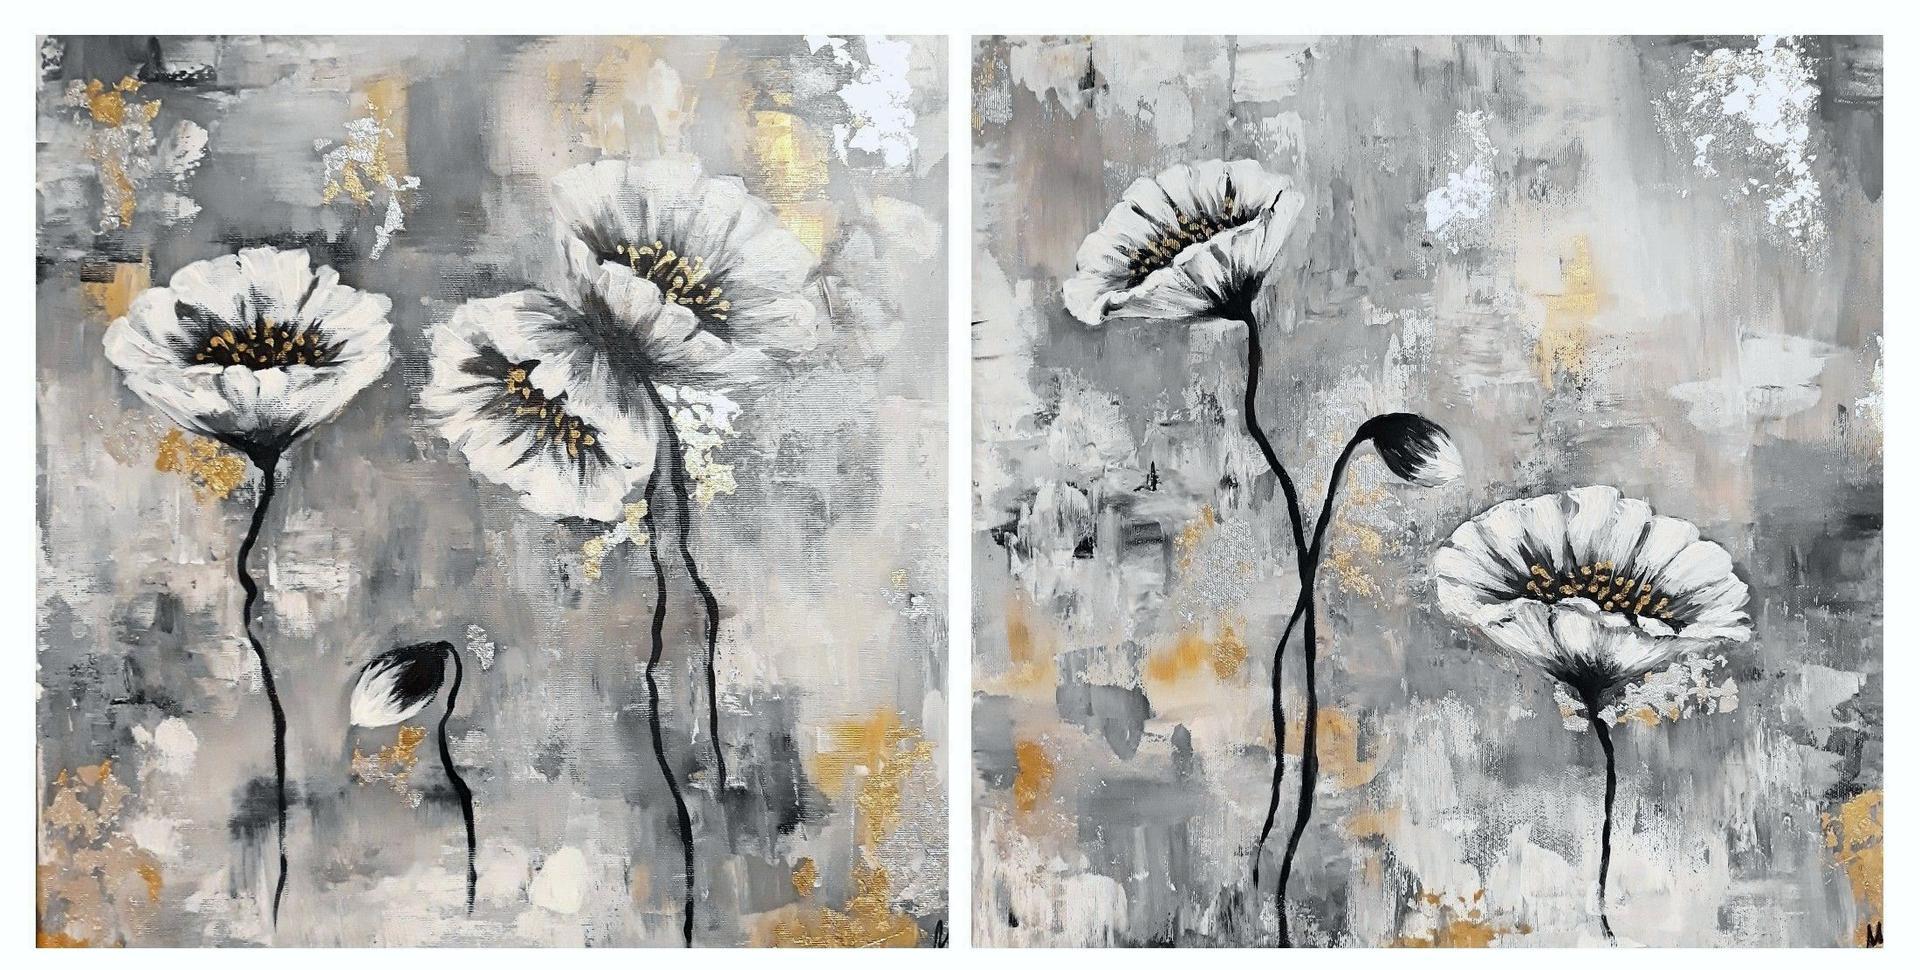 Srovnání vedle sebe, teď už jen pověsit. Plán byl původně víc béžové a míň šedé, taky některé z květů měly být větší, ale jsem ráda, že to dopadlo aspoň takto :) - Obrázek č. 1